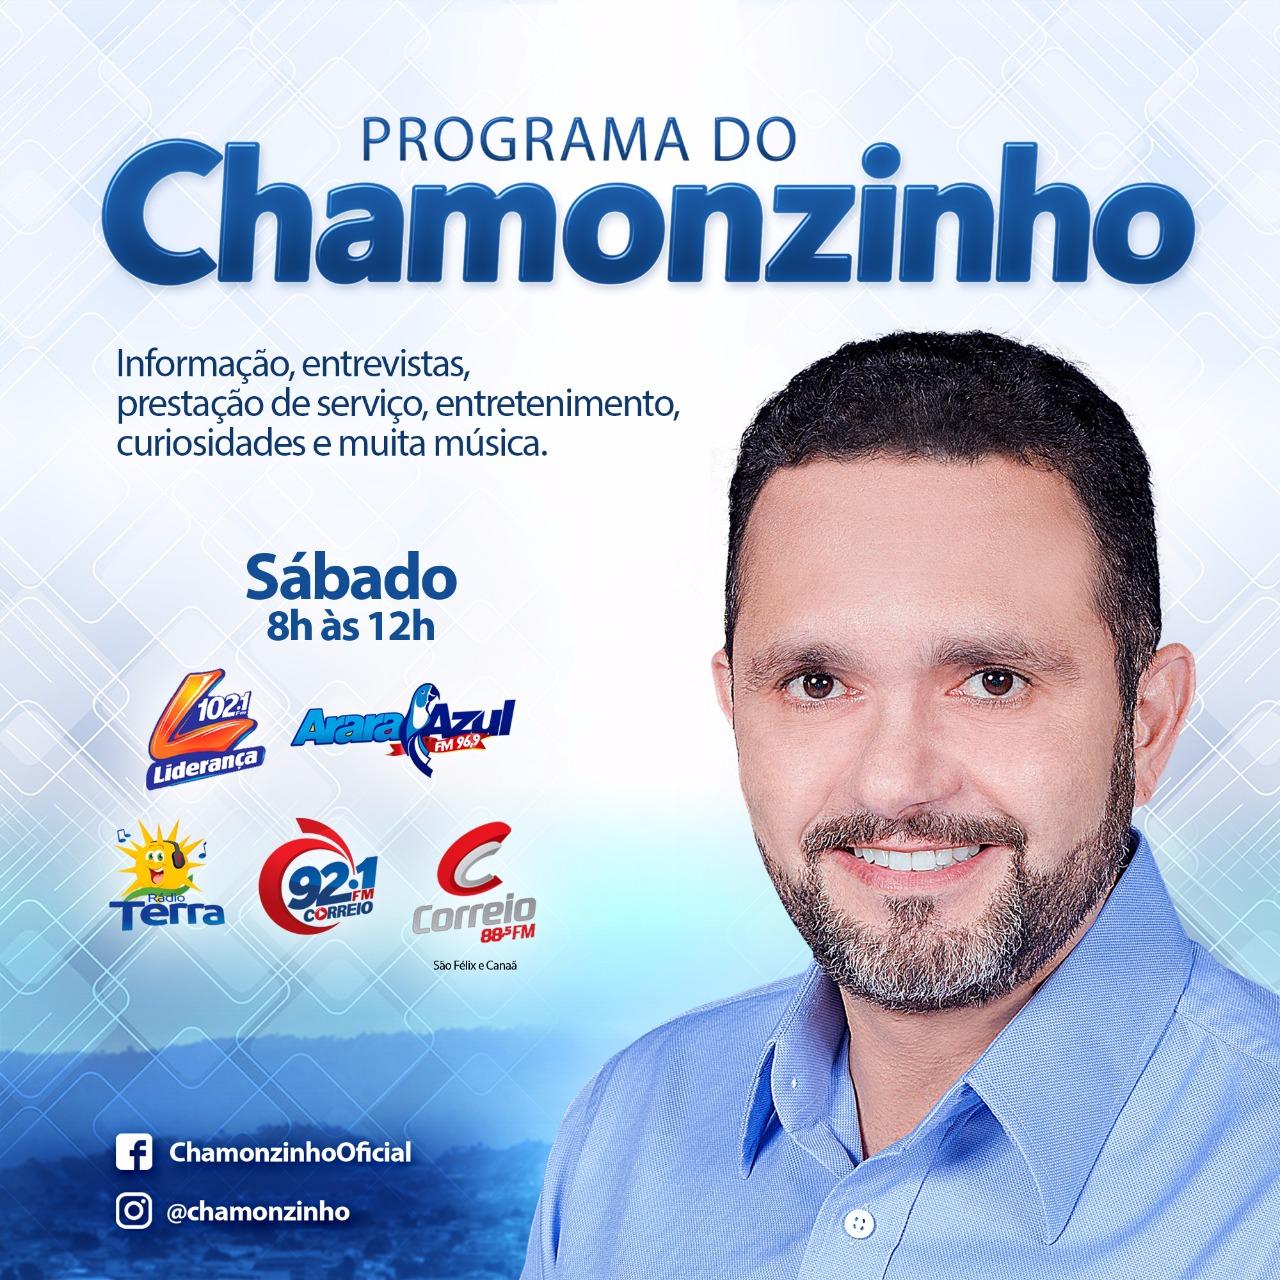 Programa do Chamonzinho estreia com o 'pé direito' nas melhores rádios da região